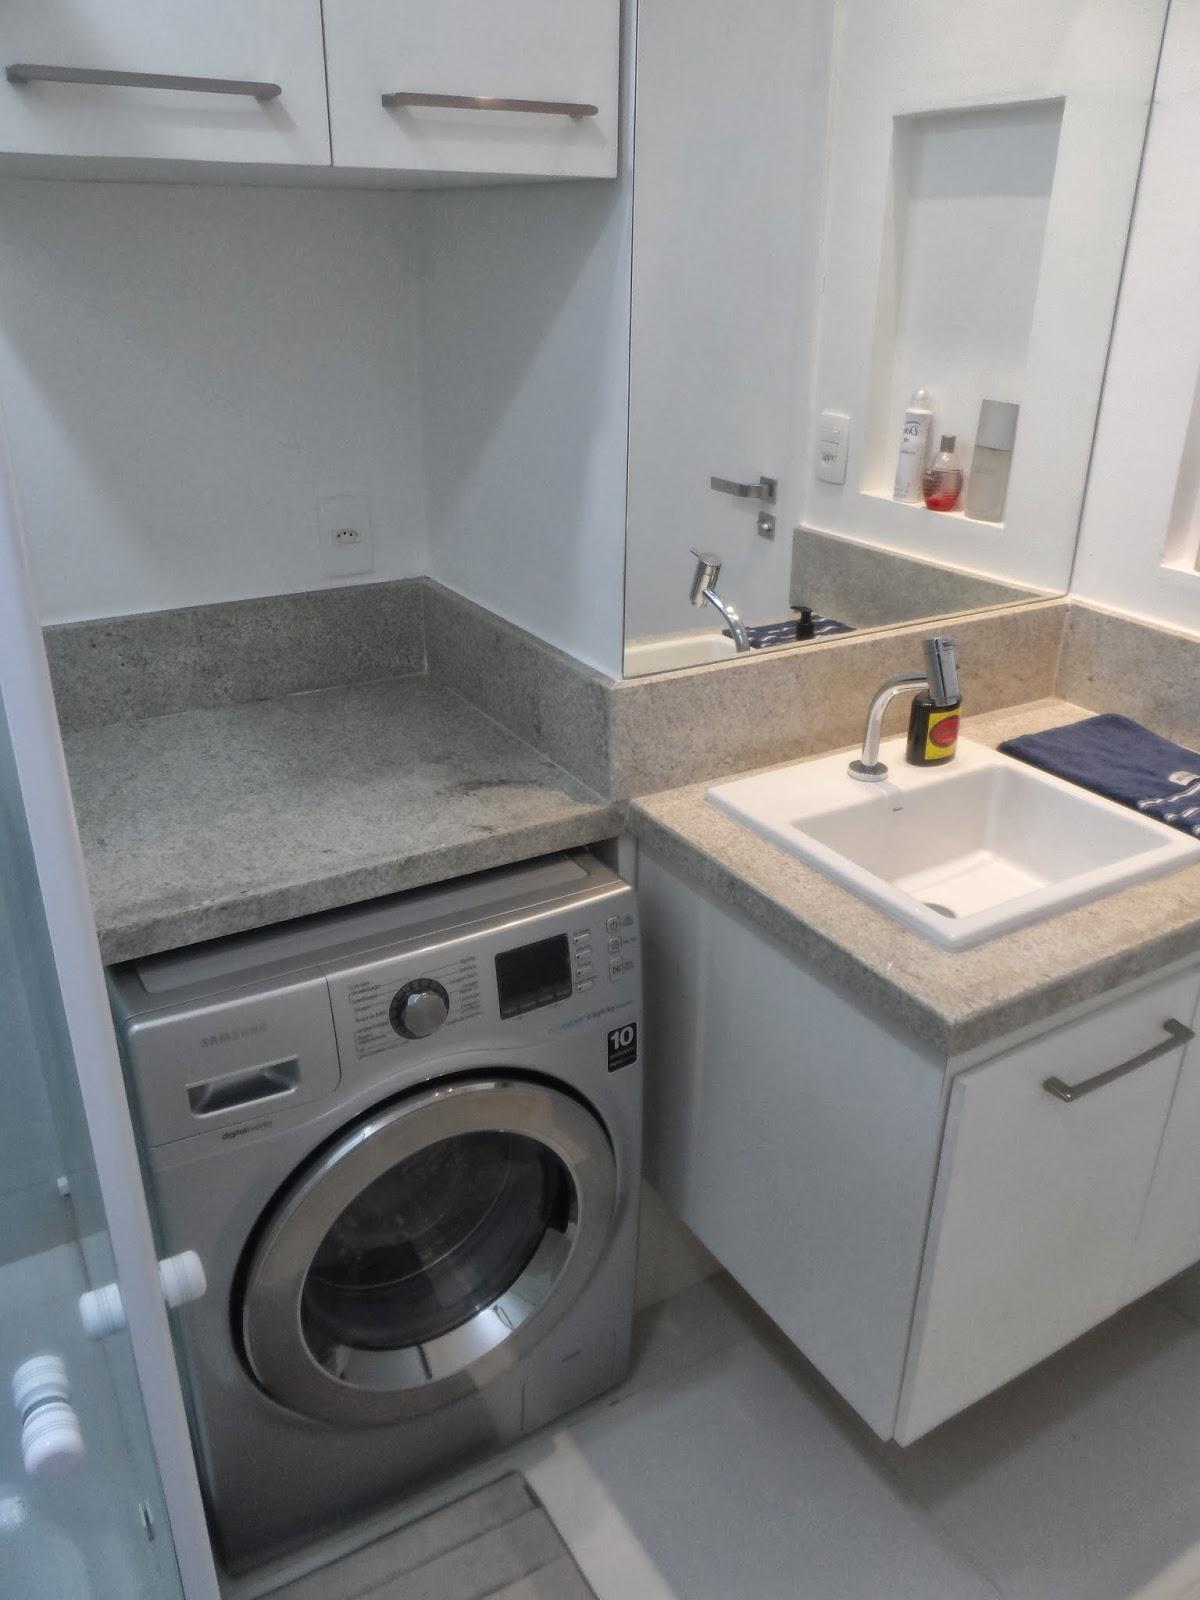 secar em nicho no banheiro com armário de material de limpeza em cima #7D654E 1200x1600 Bancada Banheiro Material